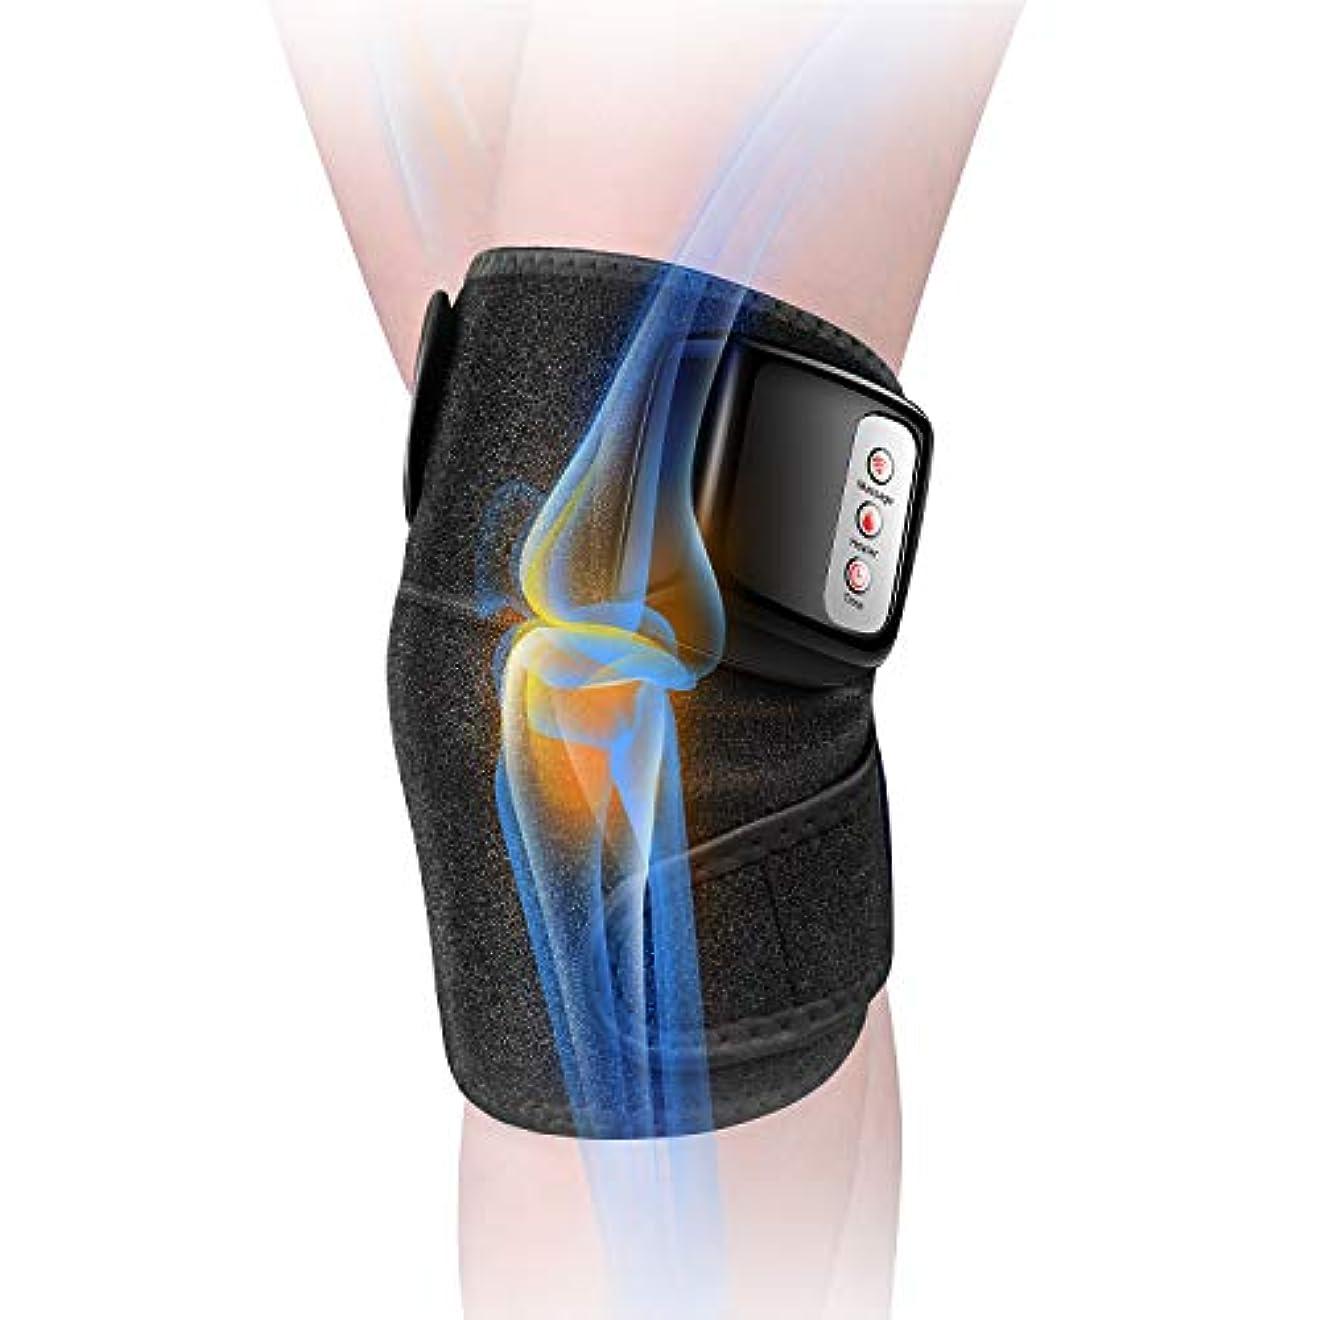 を通してデュアル花に水をやる膝マッサージャー 関節マッサージャー マッサージ器 フットマッサージャー 振動 赤外線療法 温熱療法 膝サポーター ストレス解消 肩 太もも/腕対応